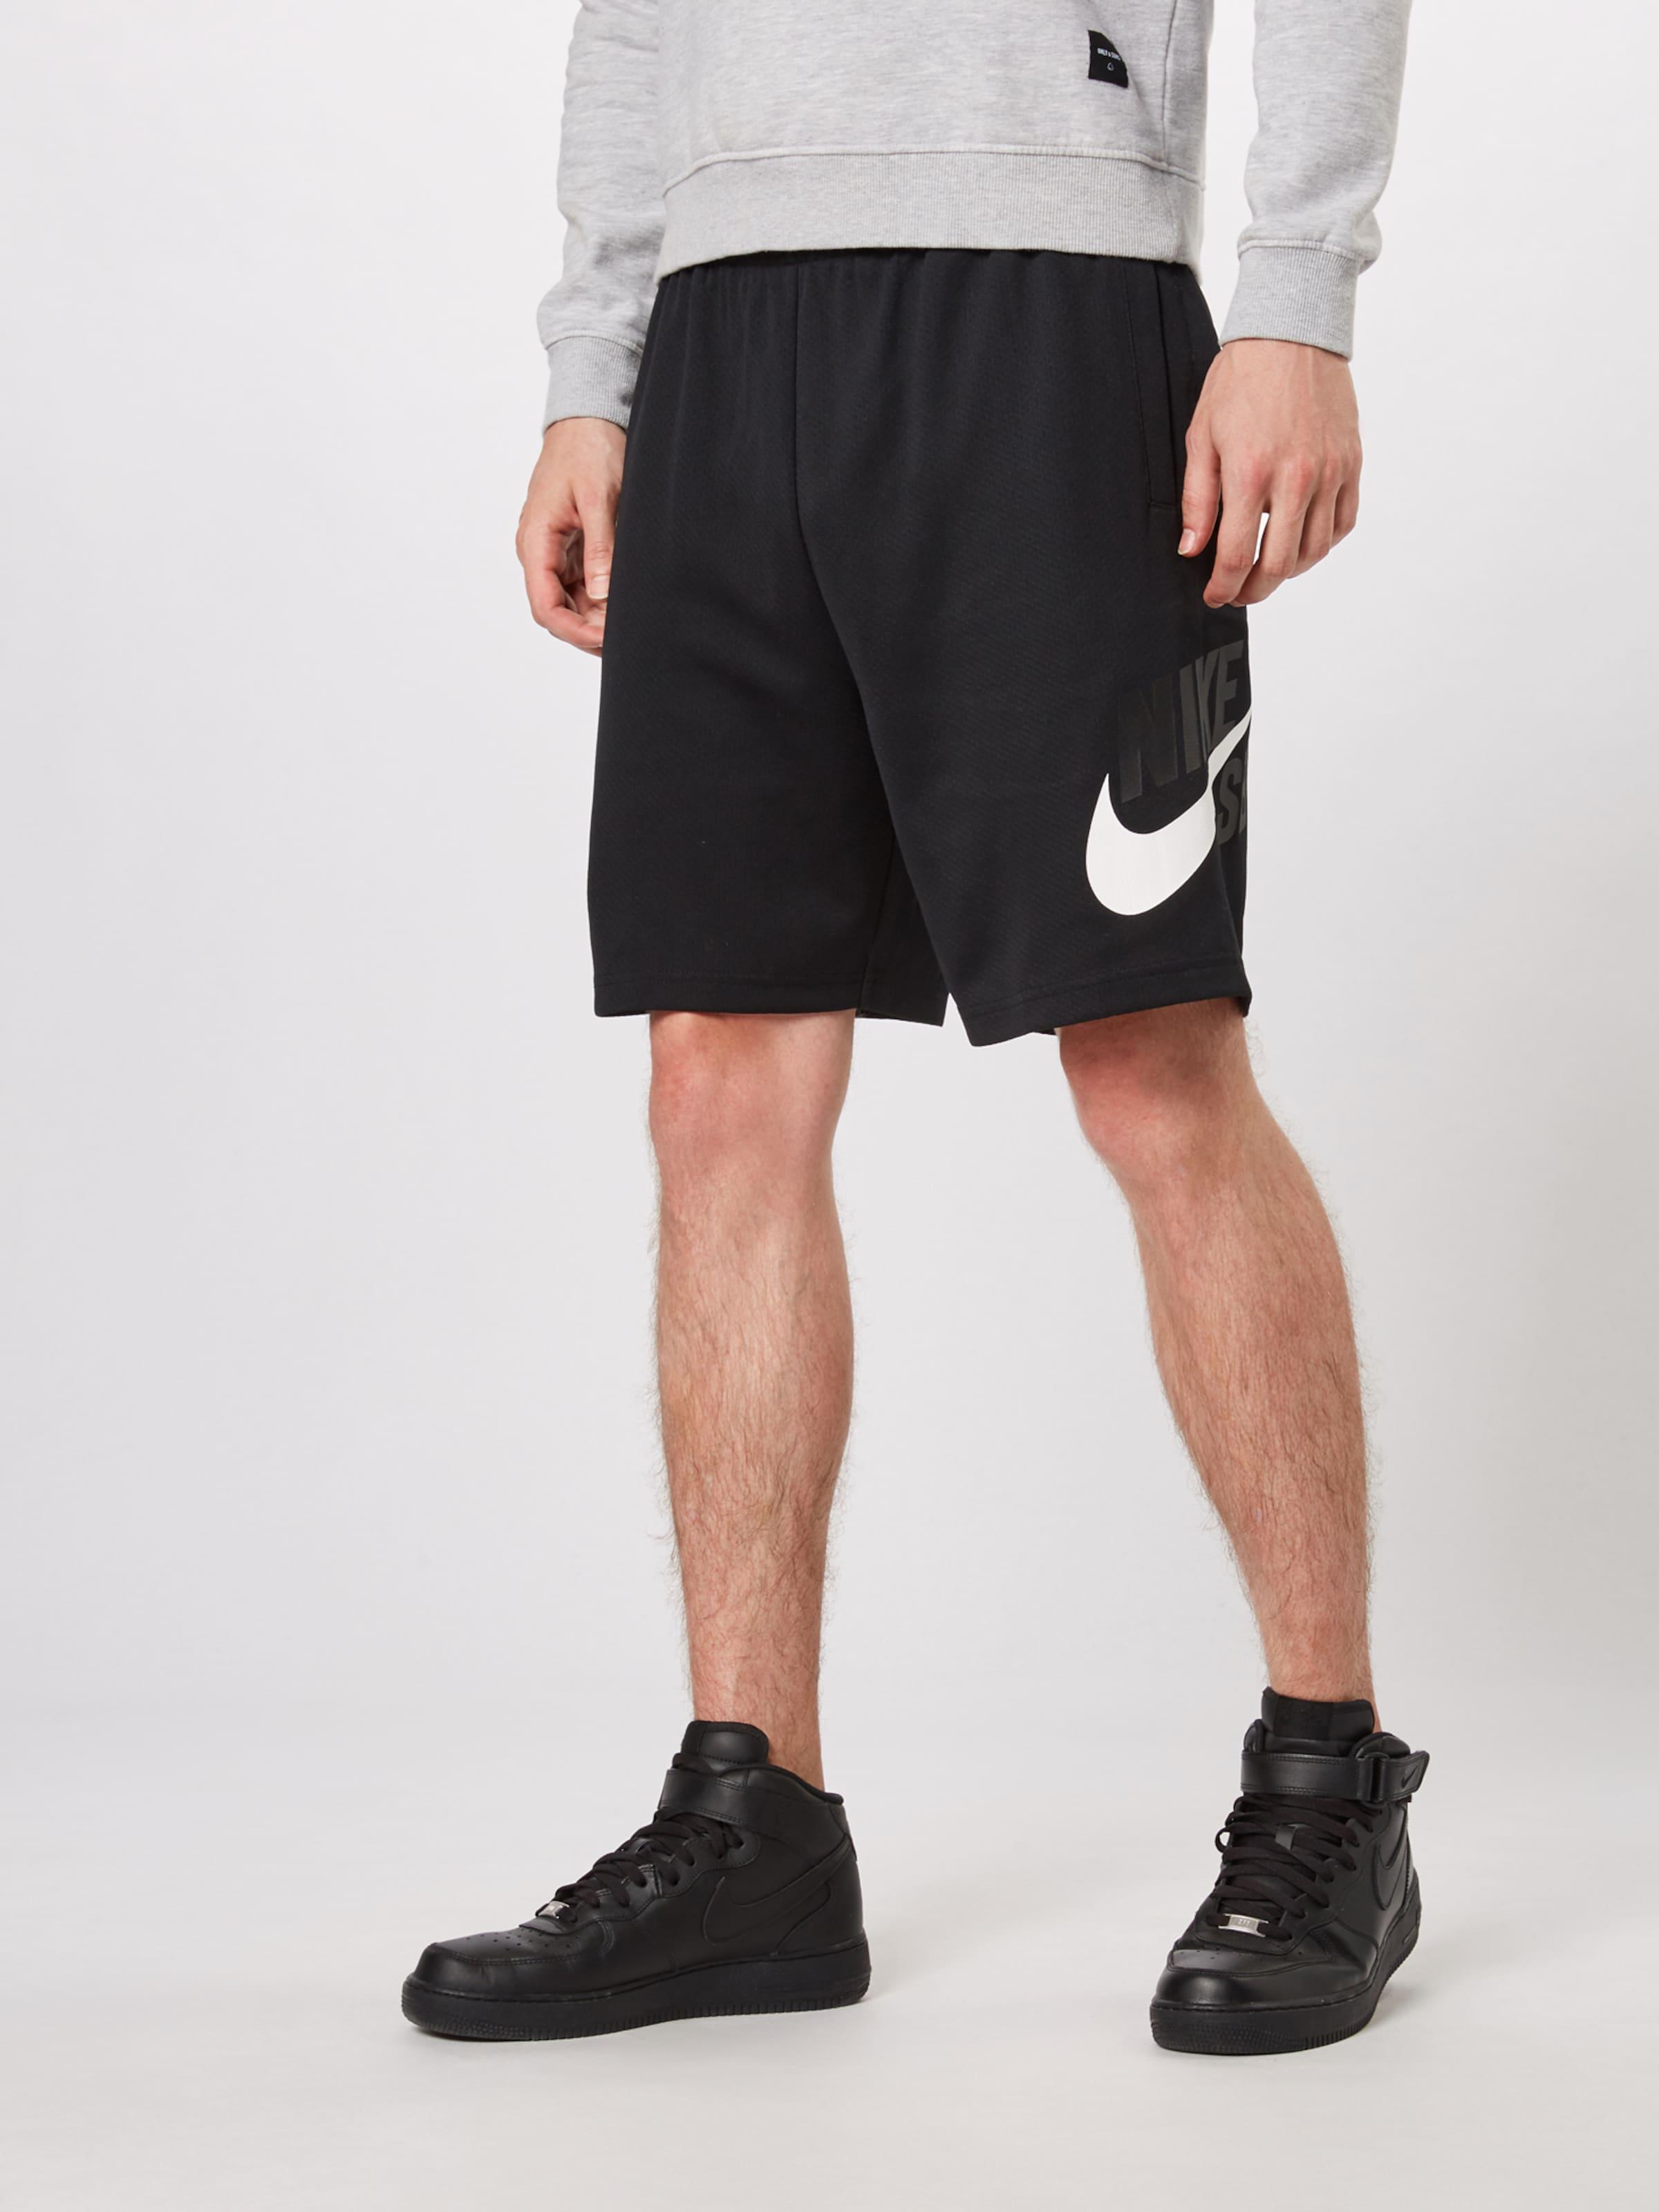 En Nk Nike Pantalon Hbr' Sb NoirBlanc 'm Dry vnm0N8w